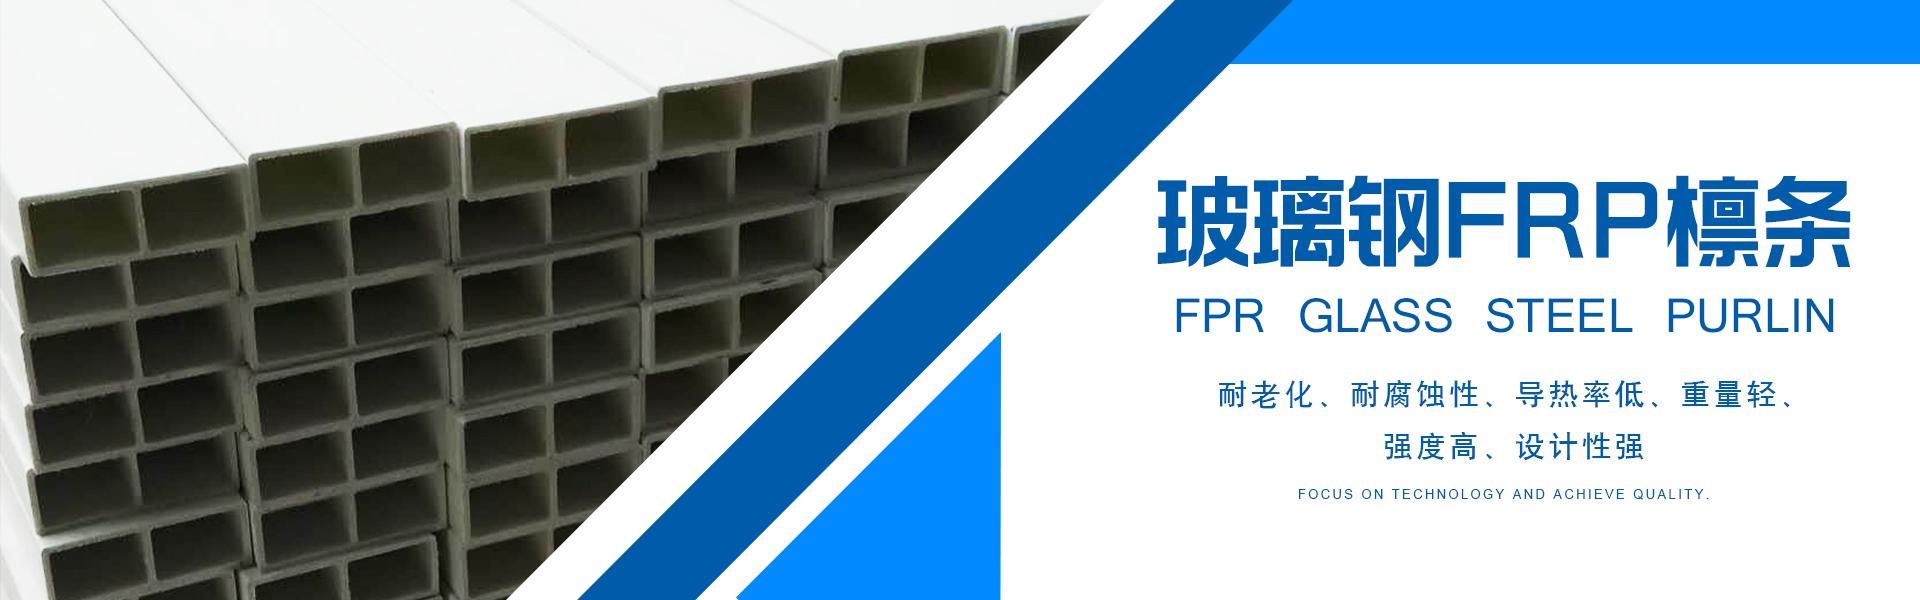 四会市中辉建材制品厂主要生产经营玻璃钢檩条等玻璃钢产品。